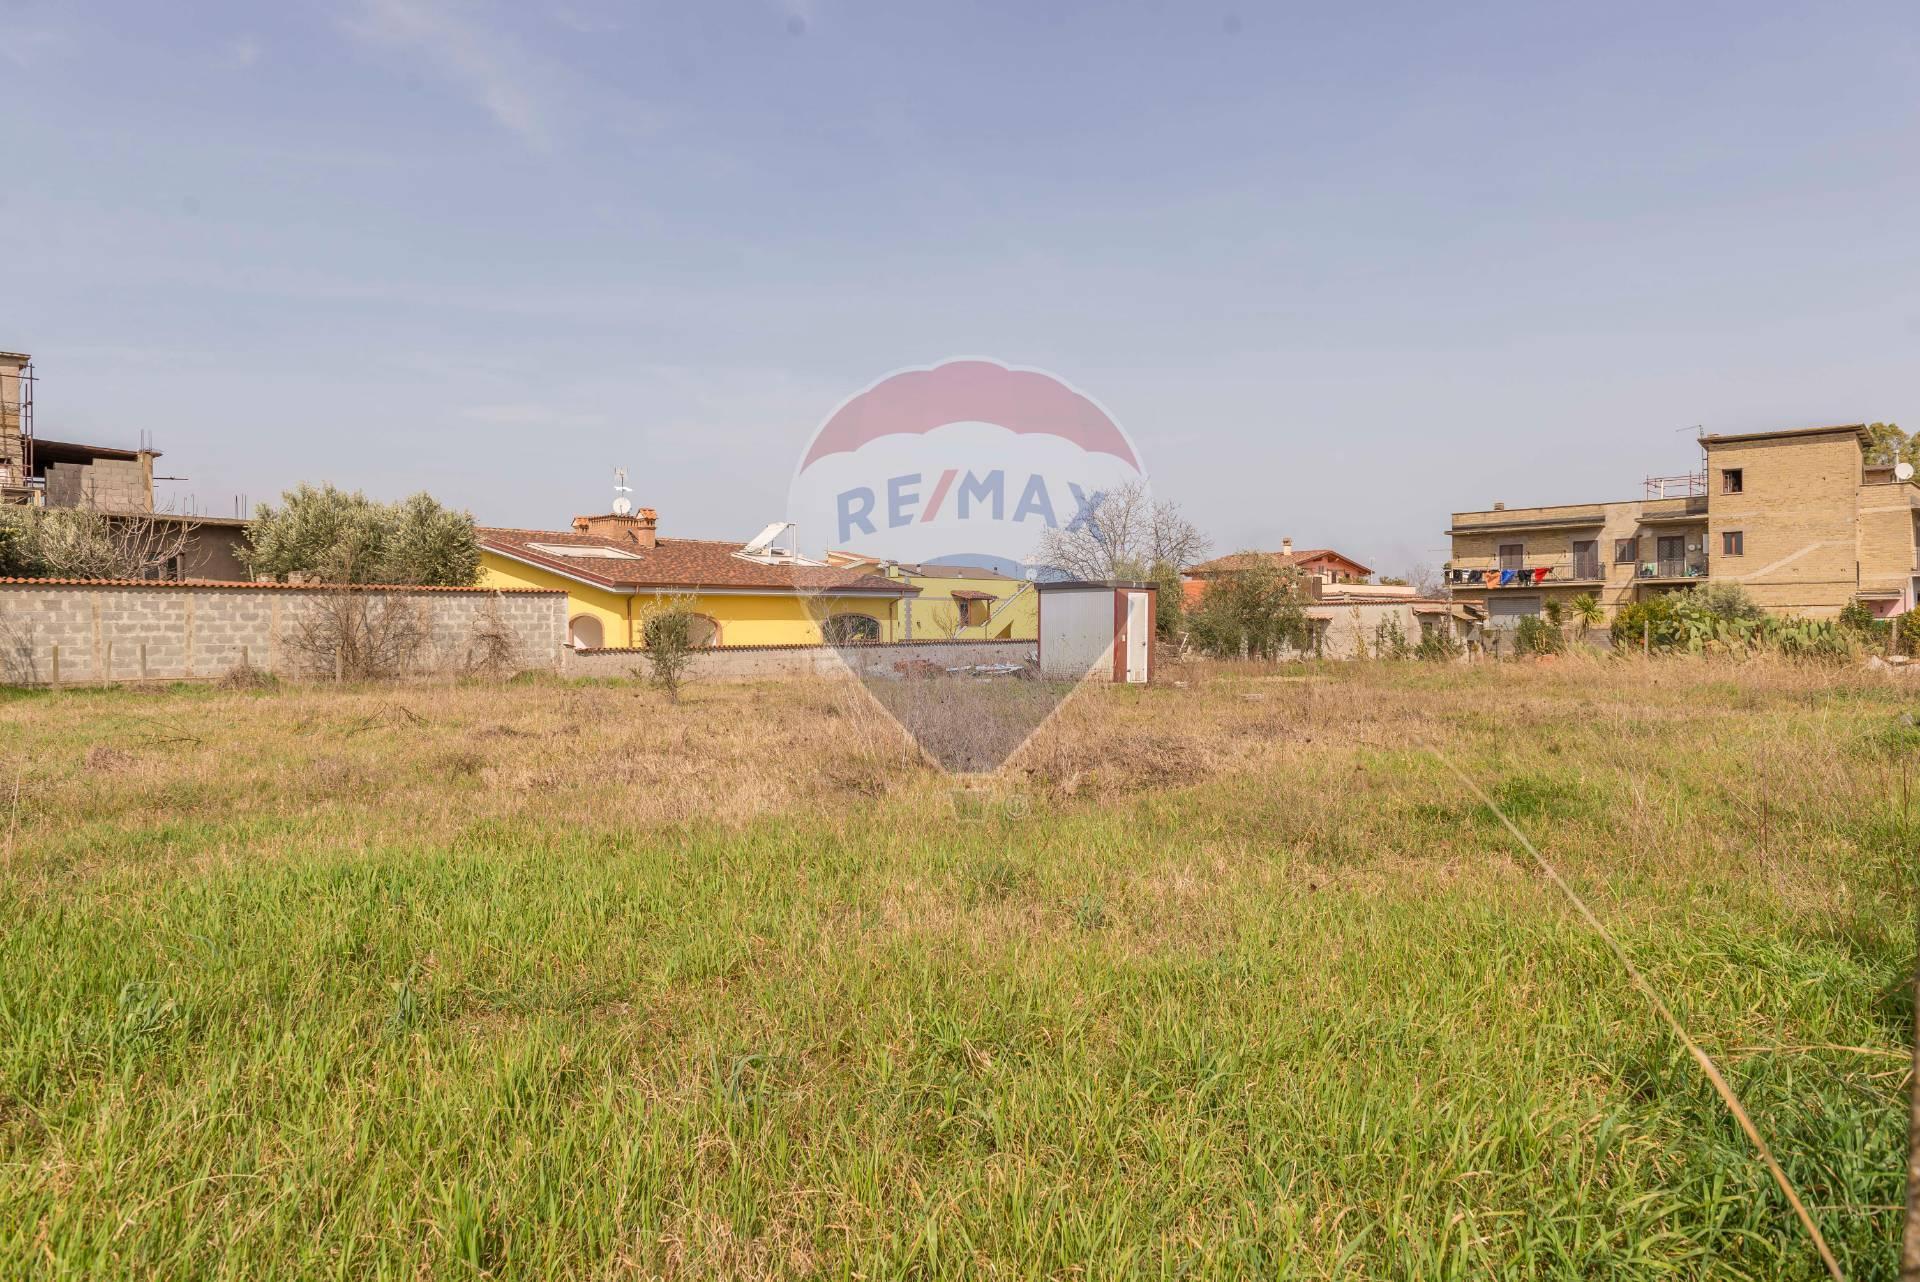 roma vendita quart: roma - prato fiorito - colle del sole re-max-opzione-casa